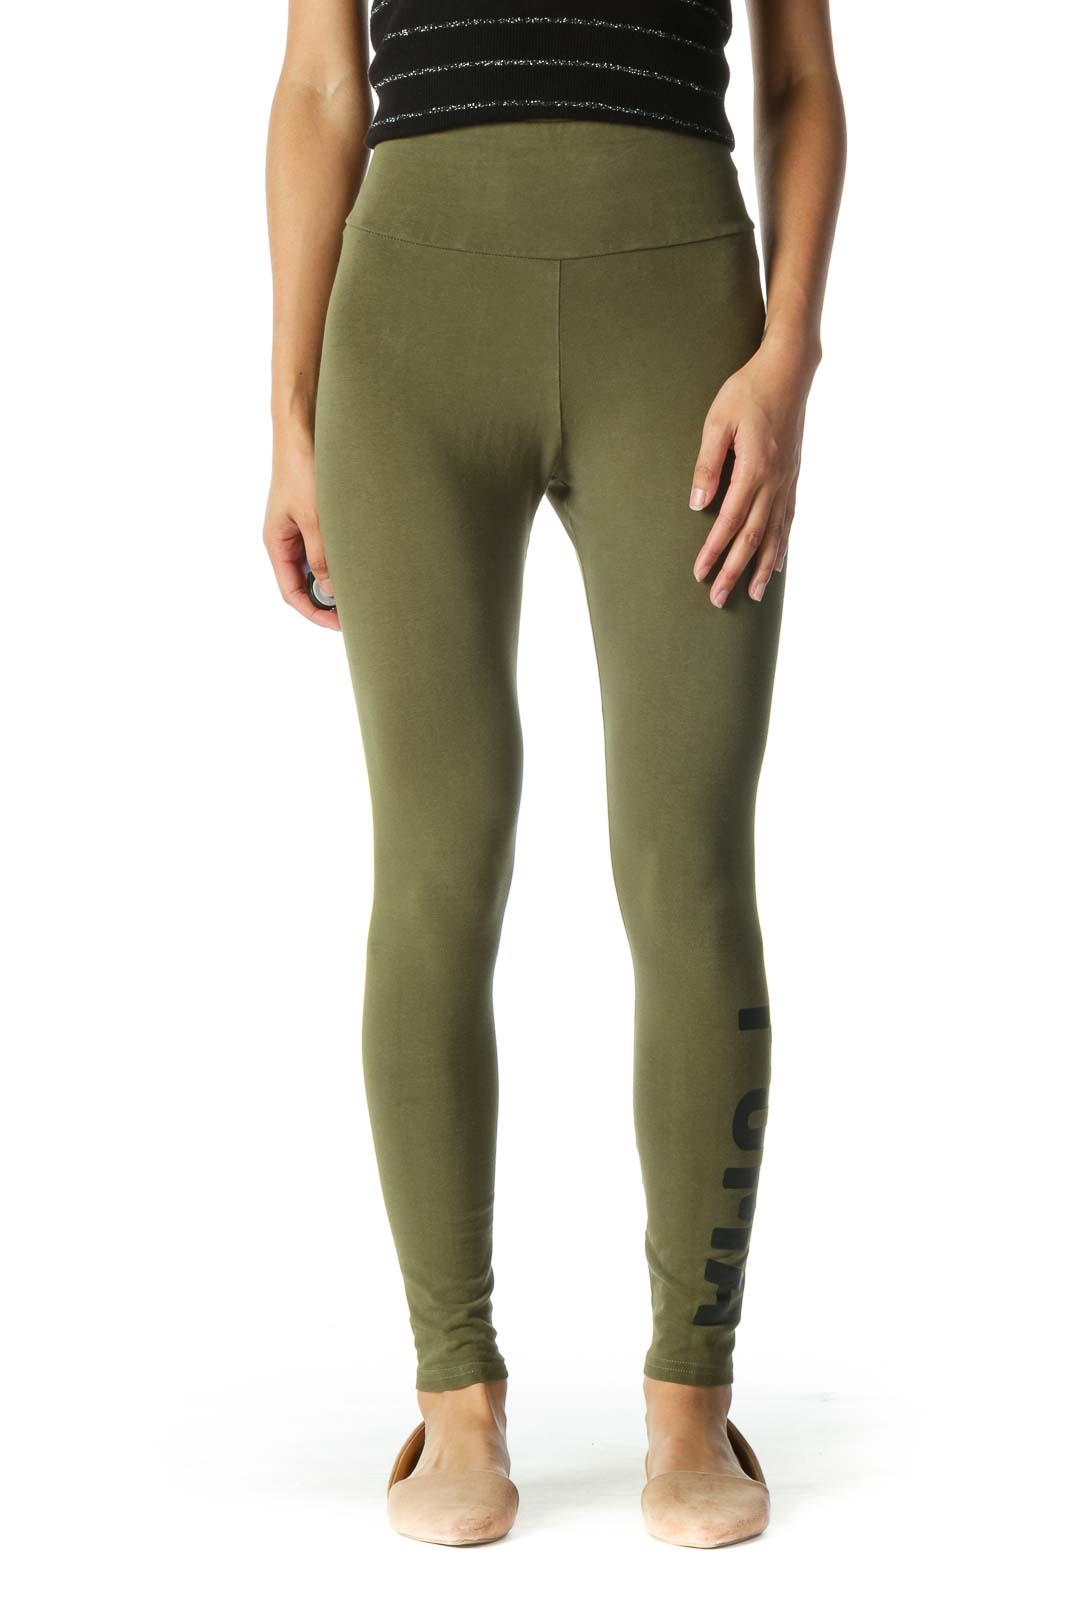 Green Logo High Waisted Leggings Front